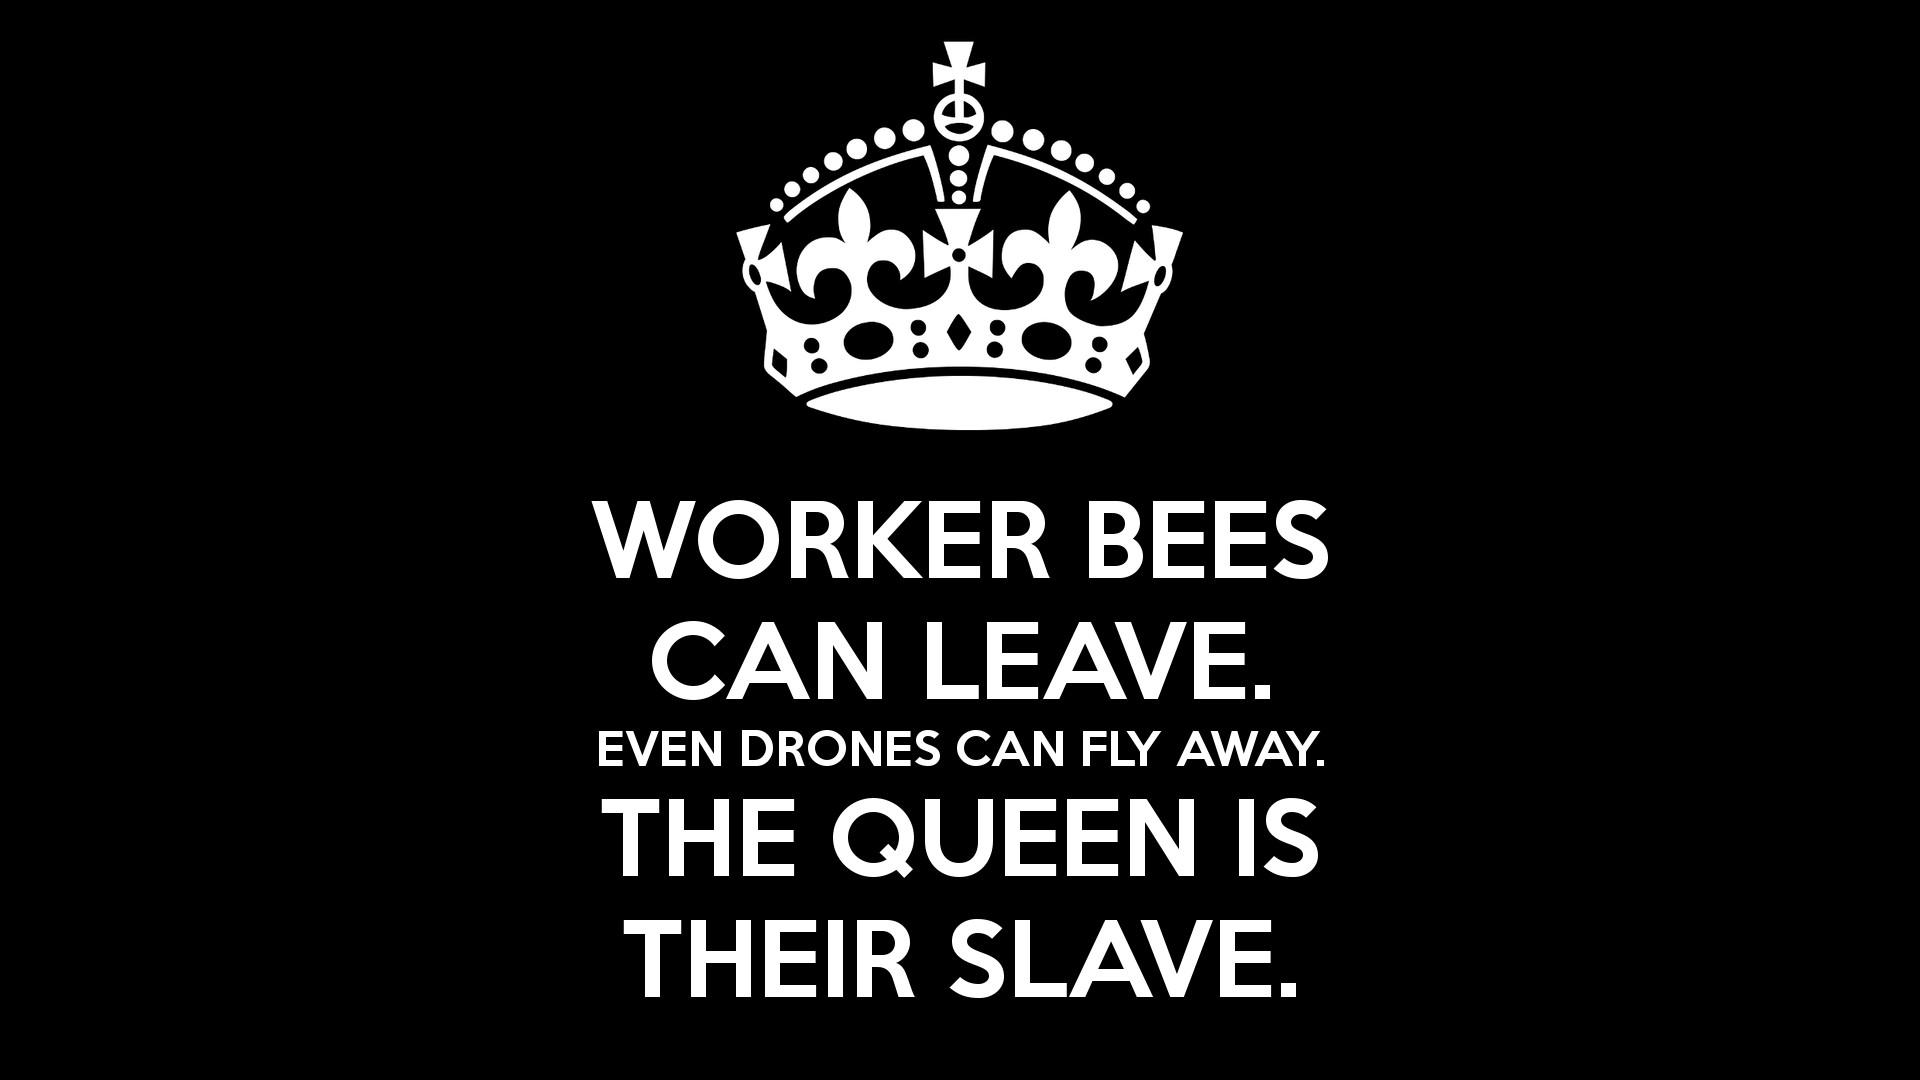 Work Like A Boss Wallpaper, Work Like A Boss Wallpapers – Faunus Bedinham